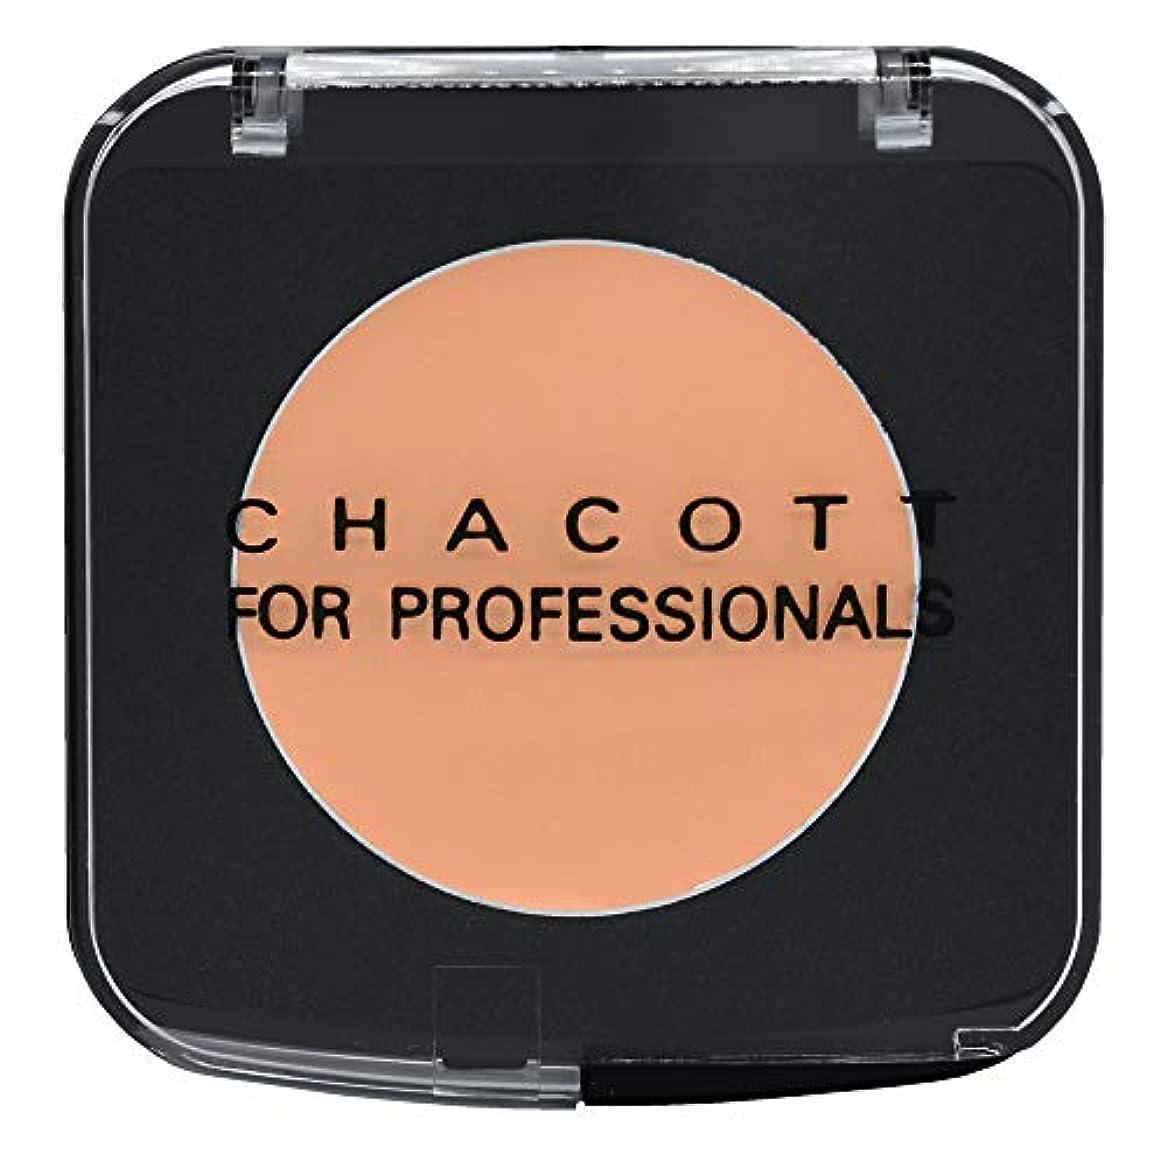 義務づける美容師探検CHACOTT<チャコット> ステージファンデーション 401